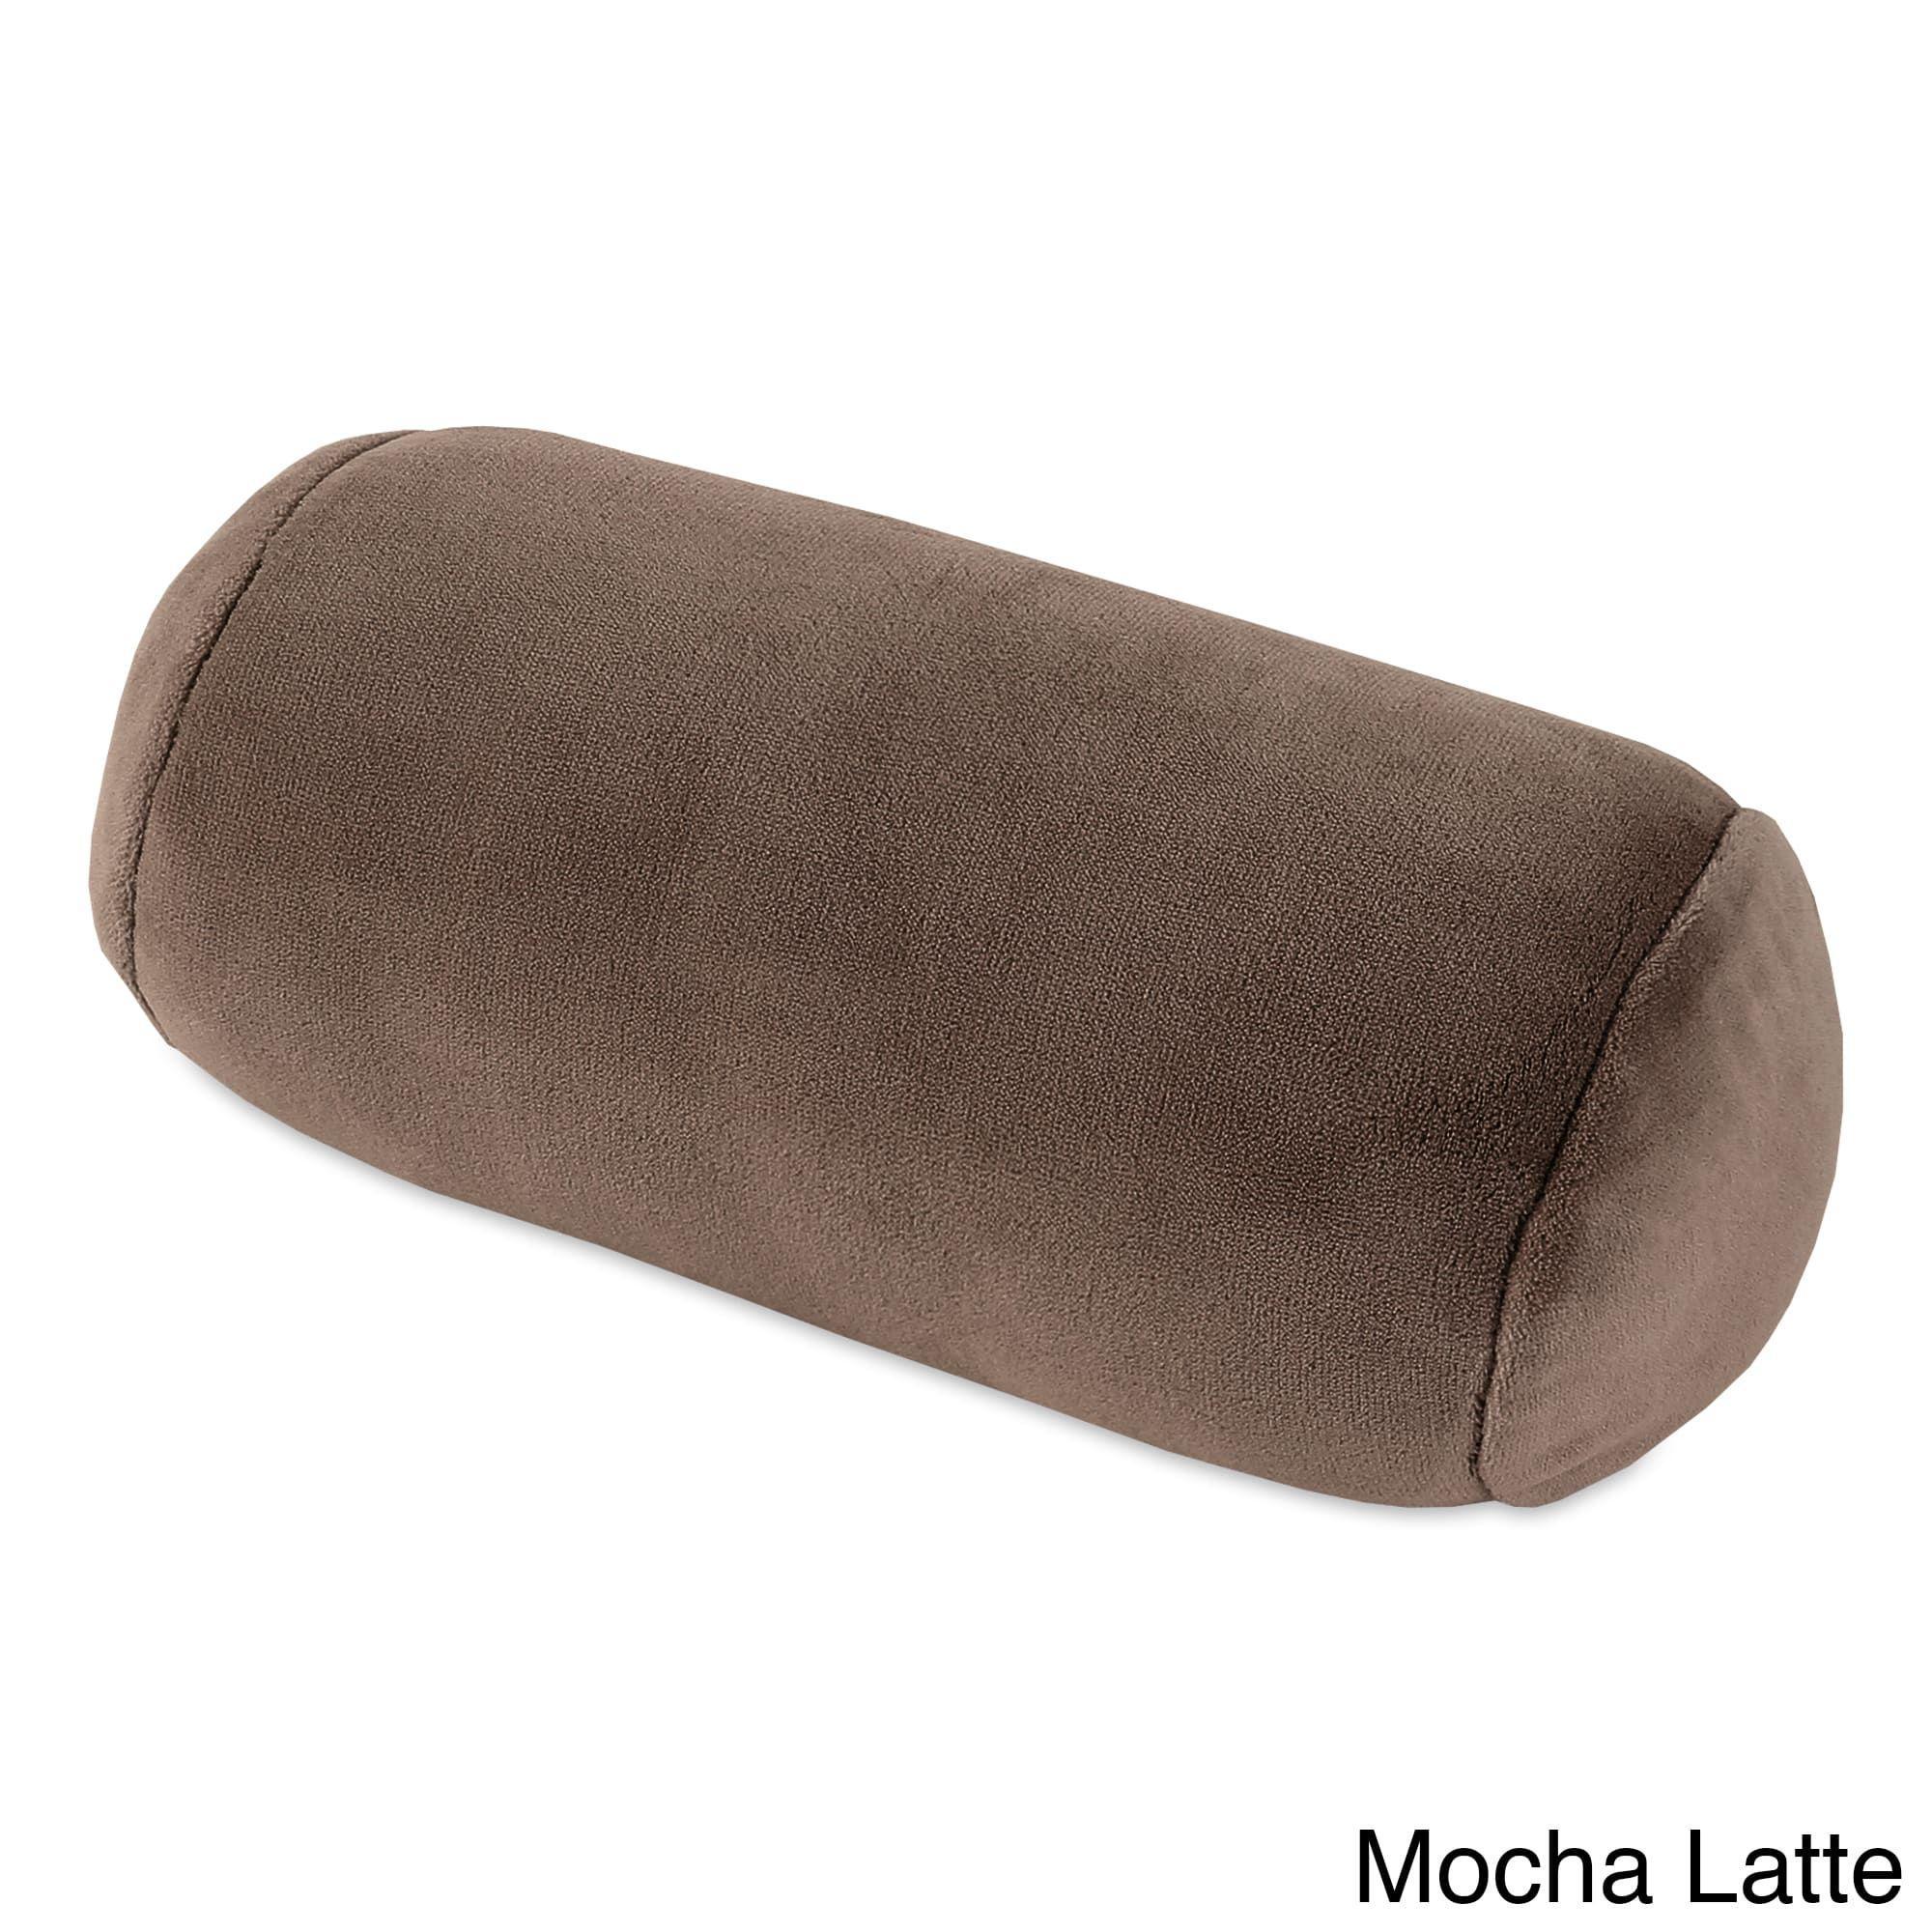 Serasoft Bolster Neckroll Pillow (Navy